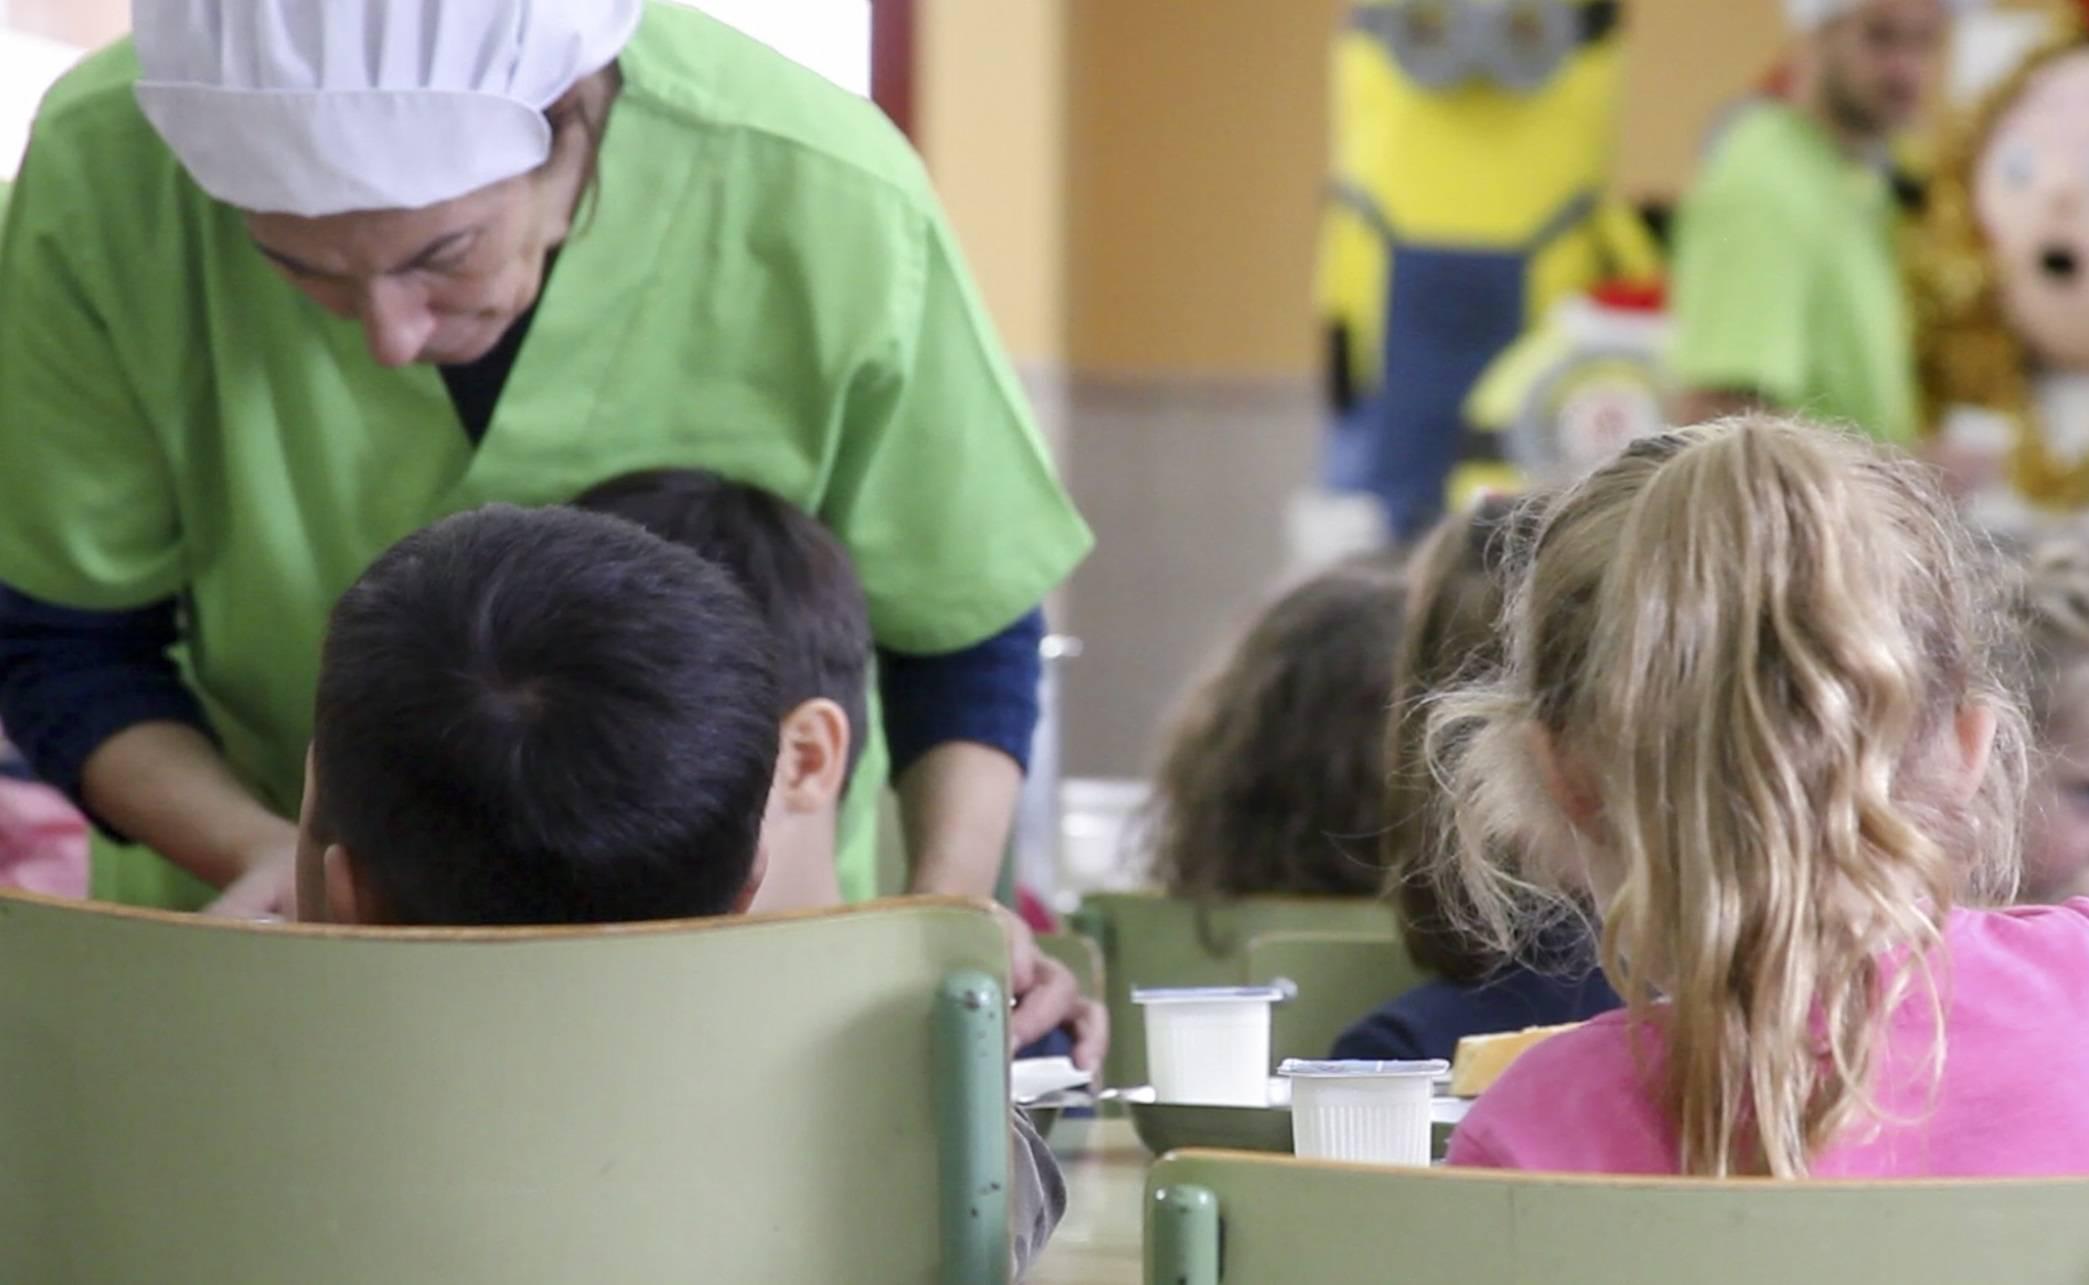 comedores escolares - Los comedores escolares abrirán en Semana Santa para dar servicio a más de 2.800 alumnos